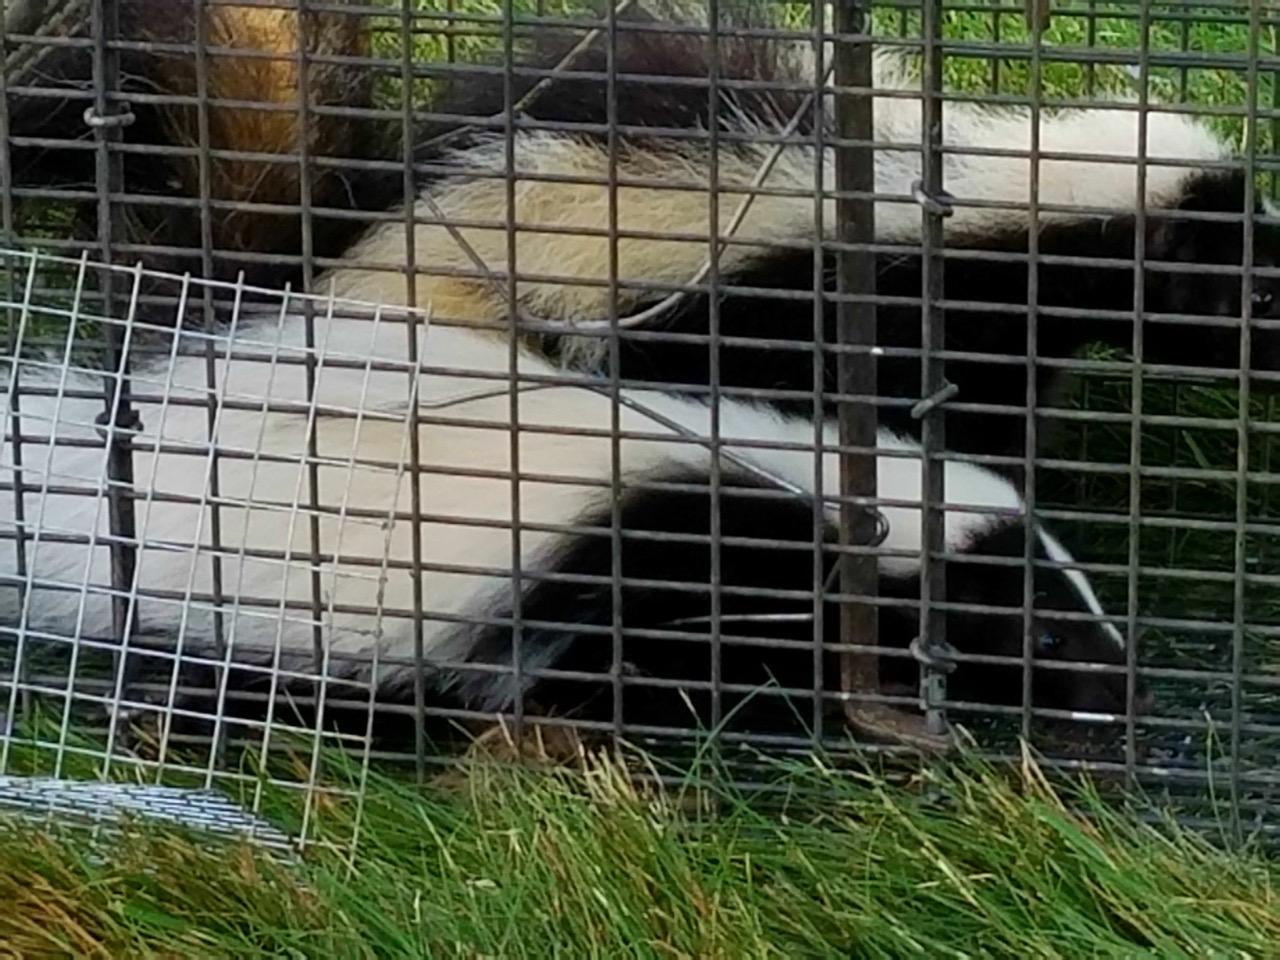 twin skunks.jpg